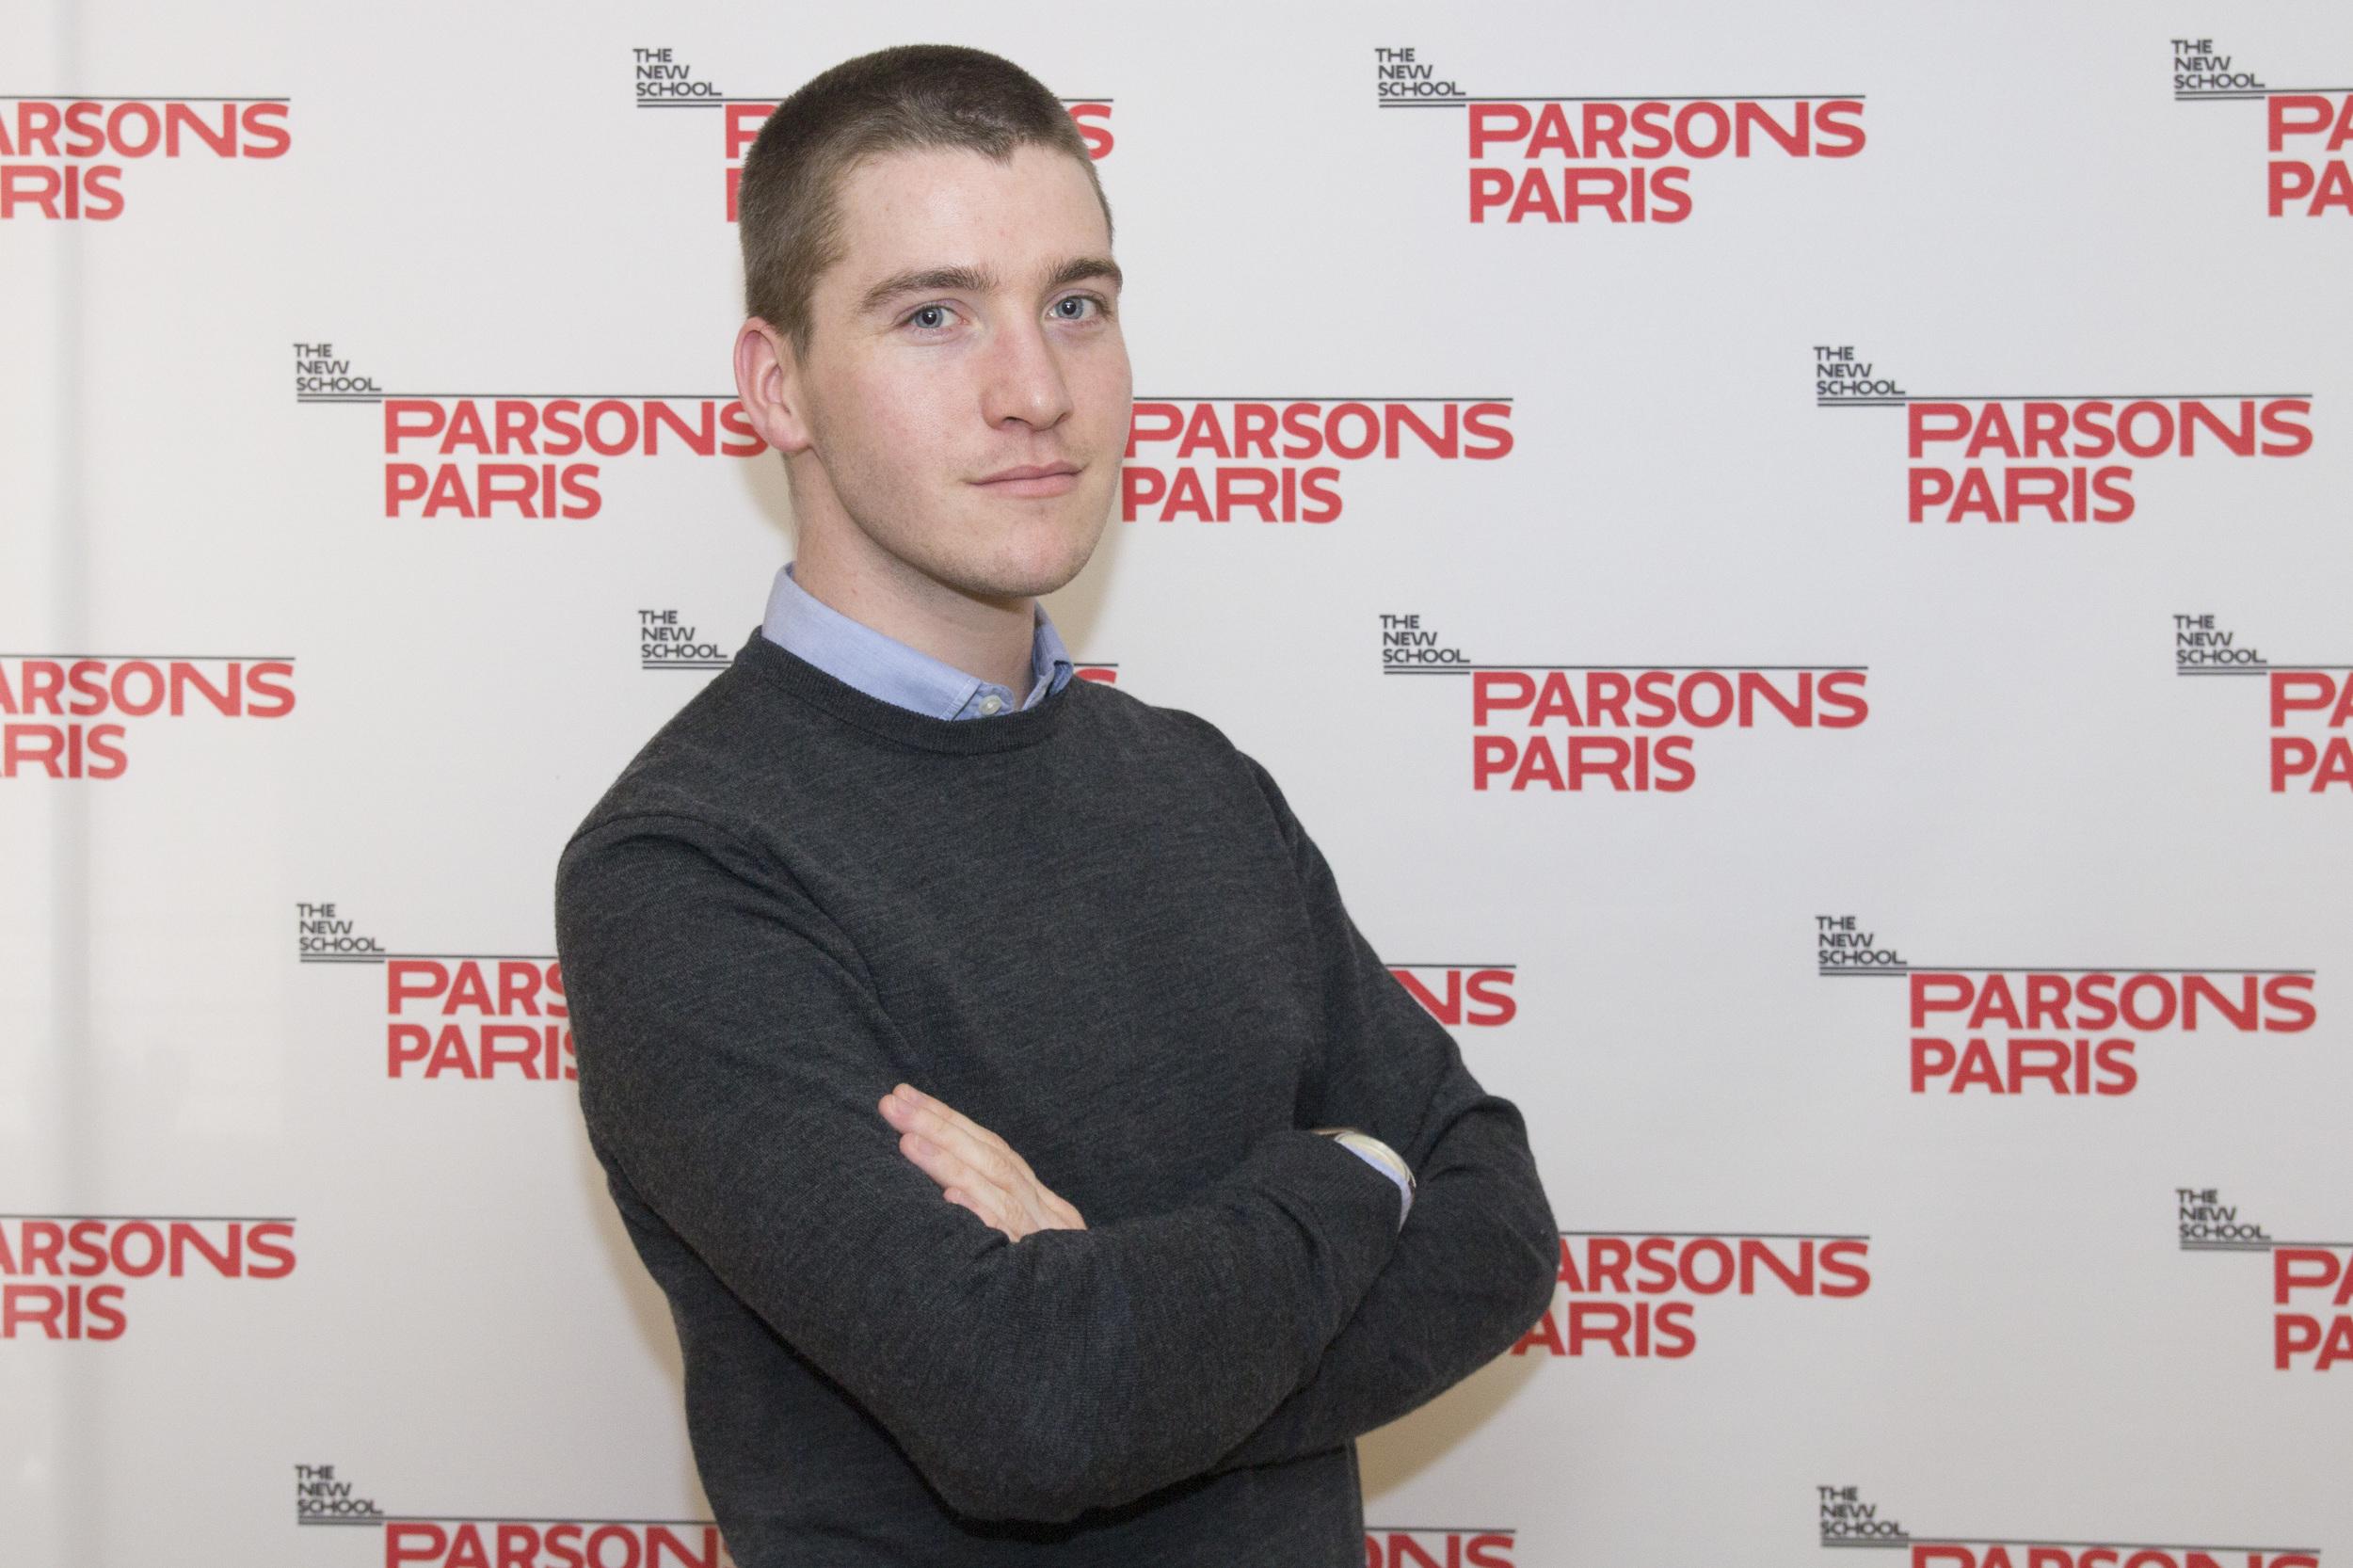 TNS_ParsonsParis_Graduation_167.jpg